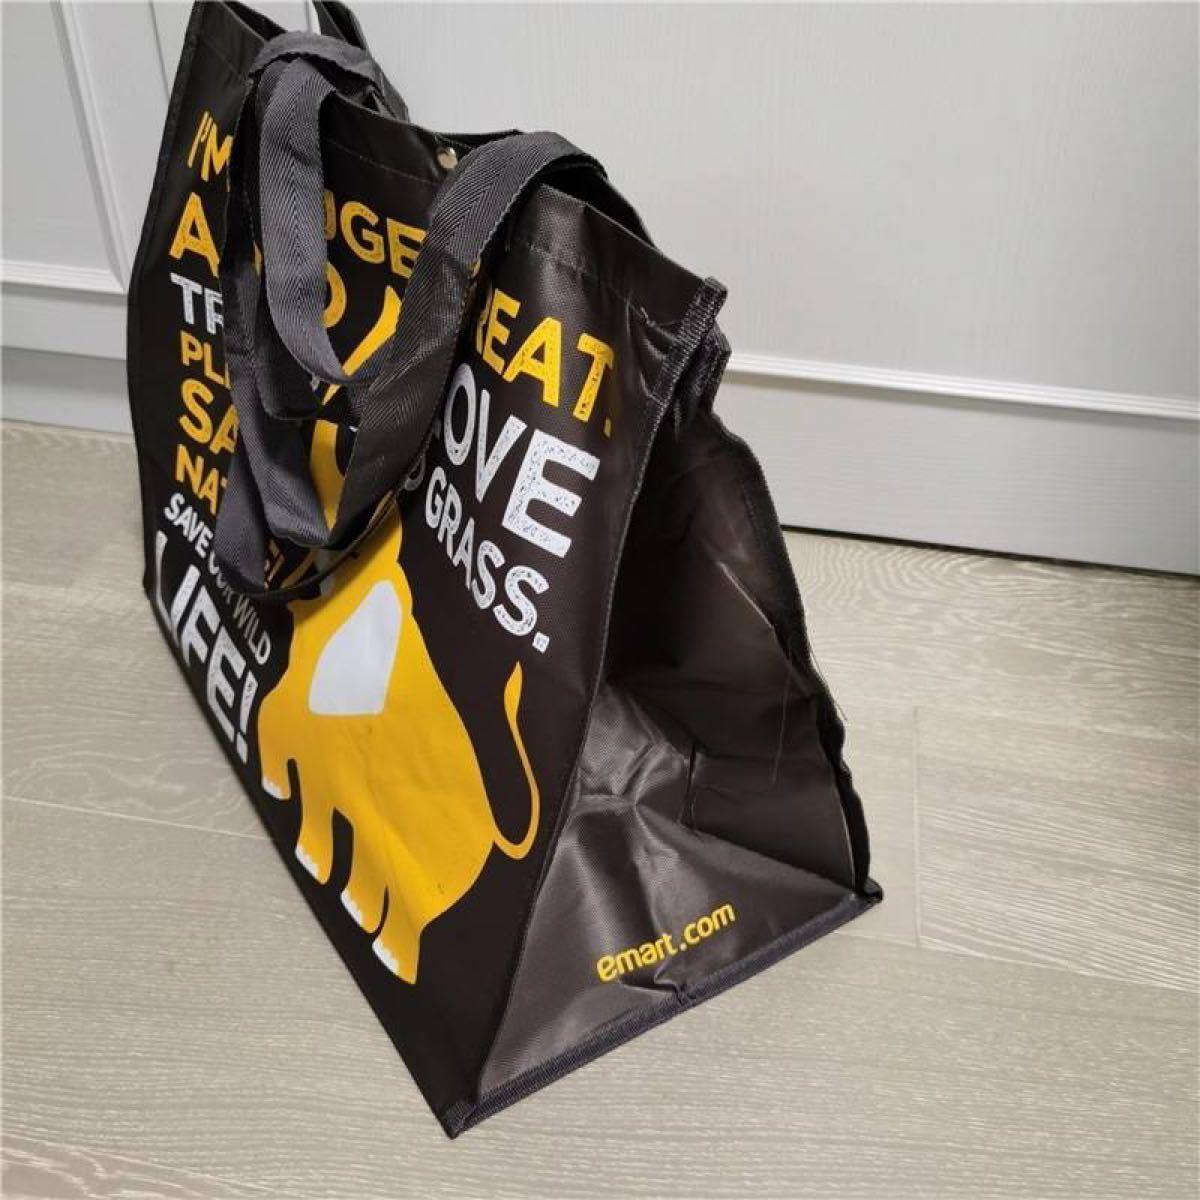 トートバッグ エコバッグ レジかごバッグ ショッピングバッグ IKEA COSTCO バッグ 人気 頑丈 防水 アウトドア テント